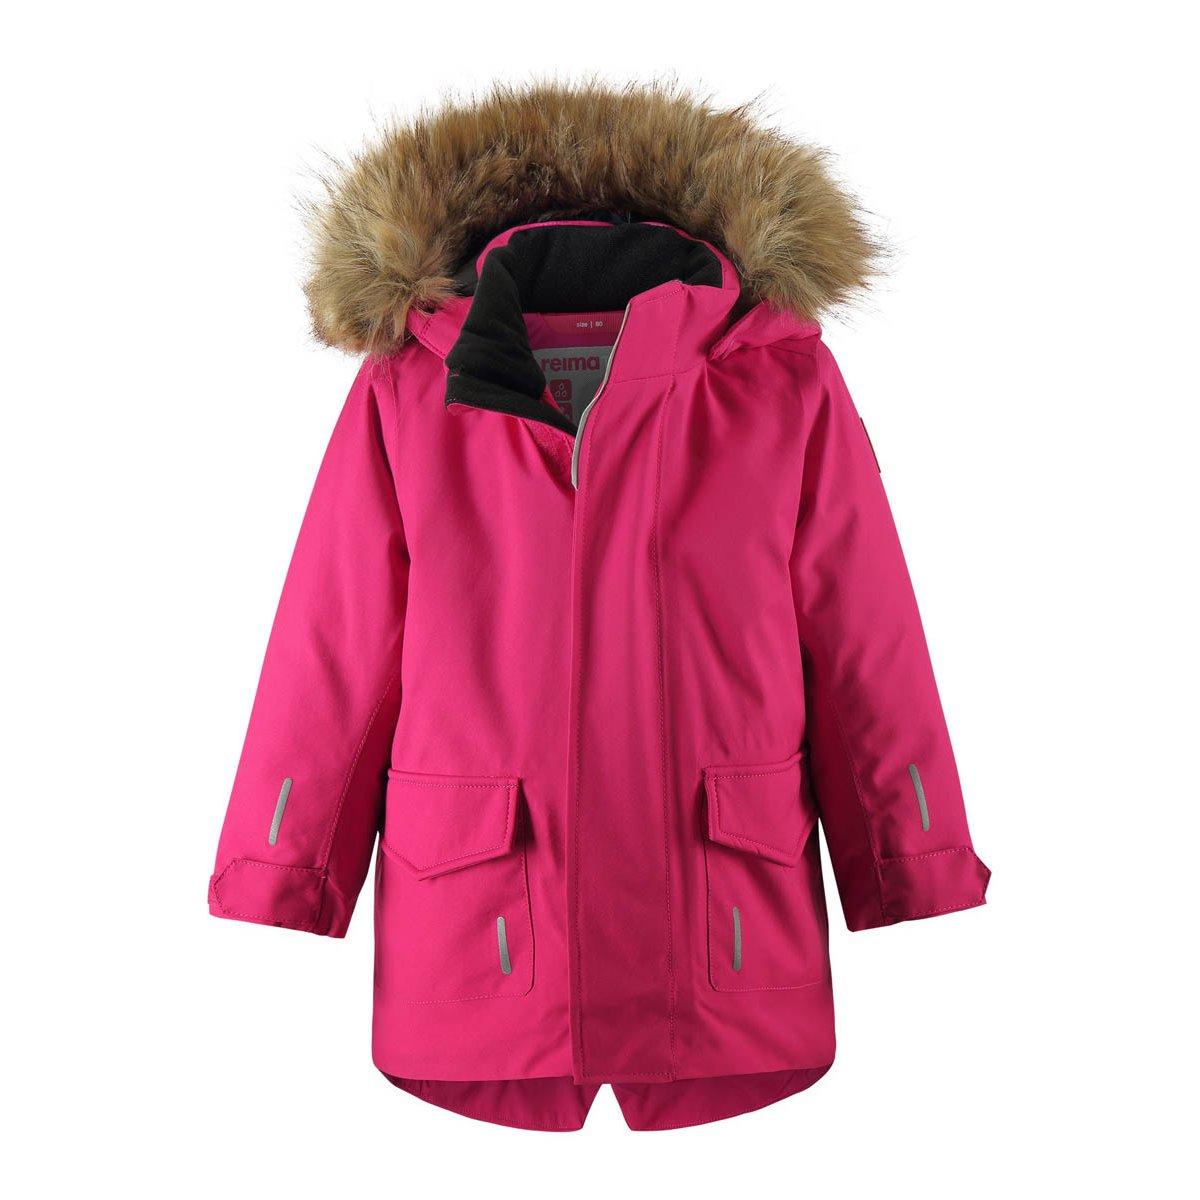 Зимние Куртки Для Детей Интернет Магазин